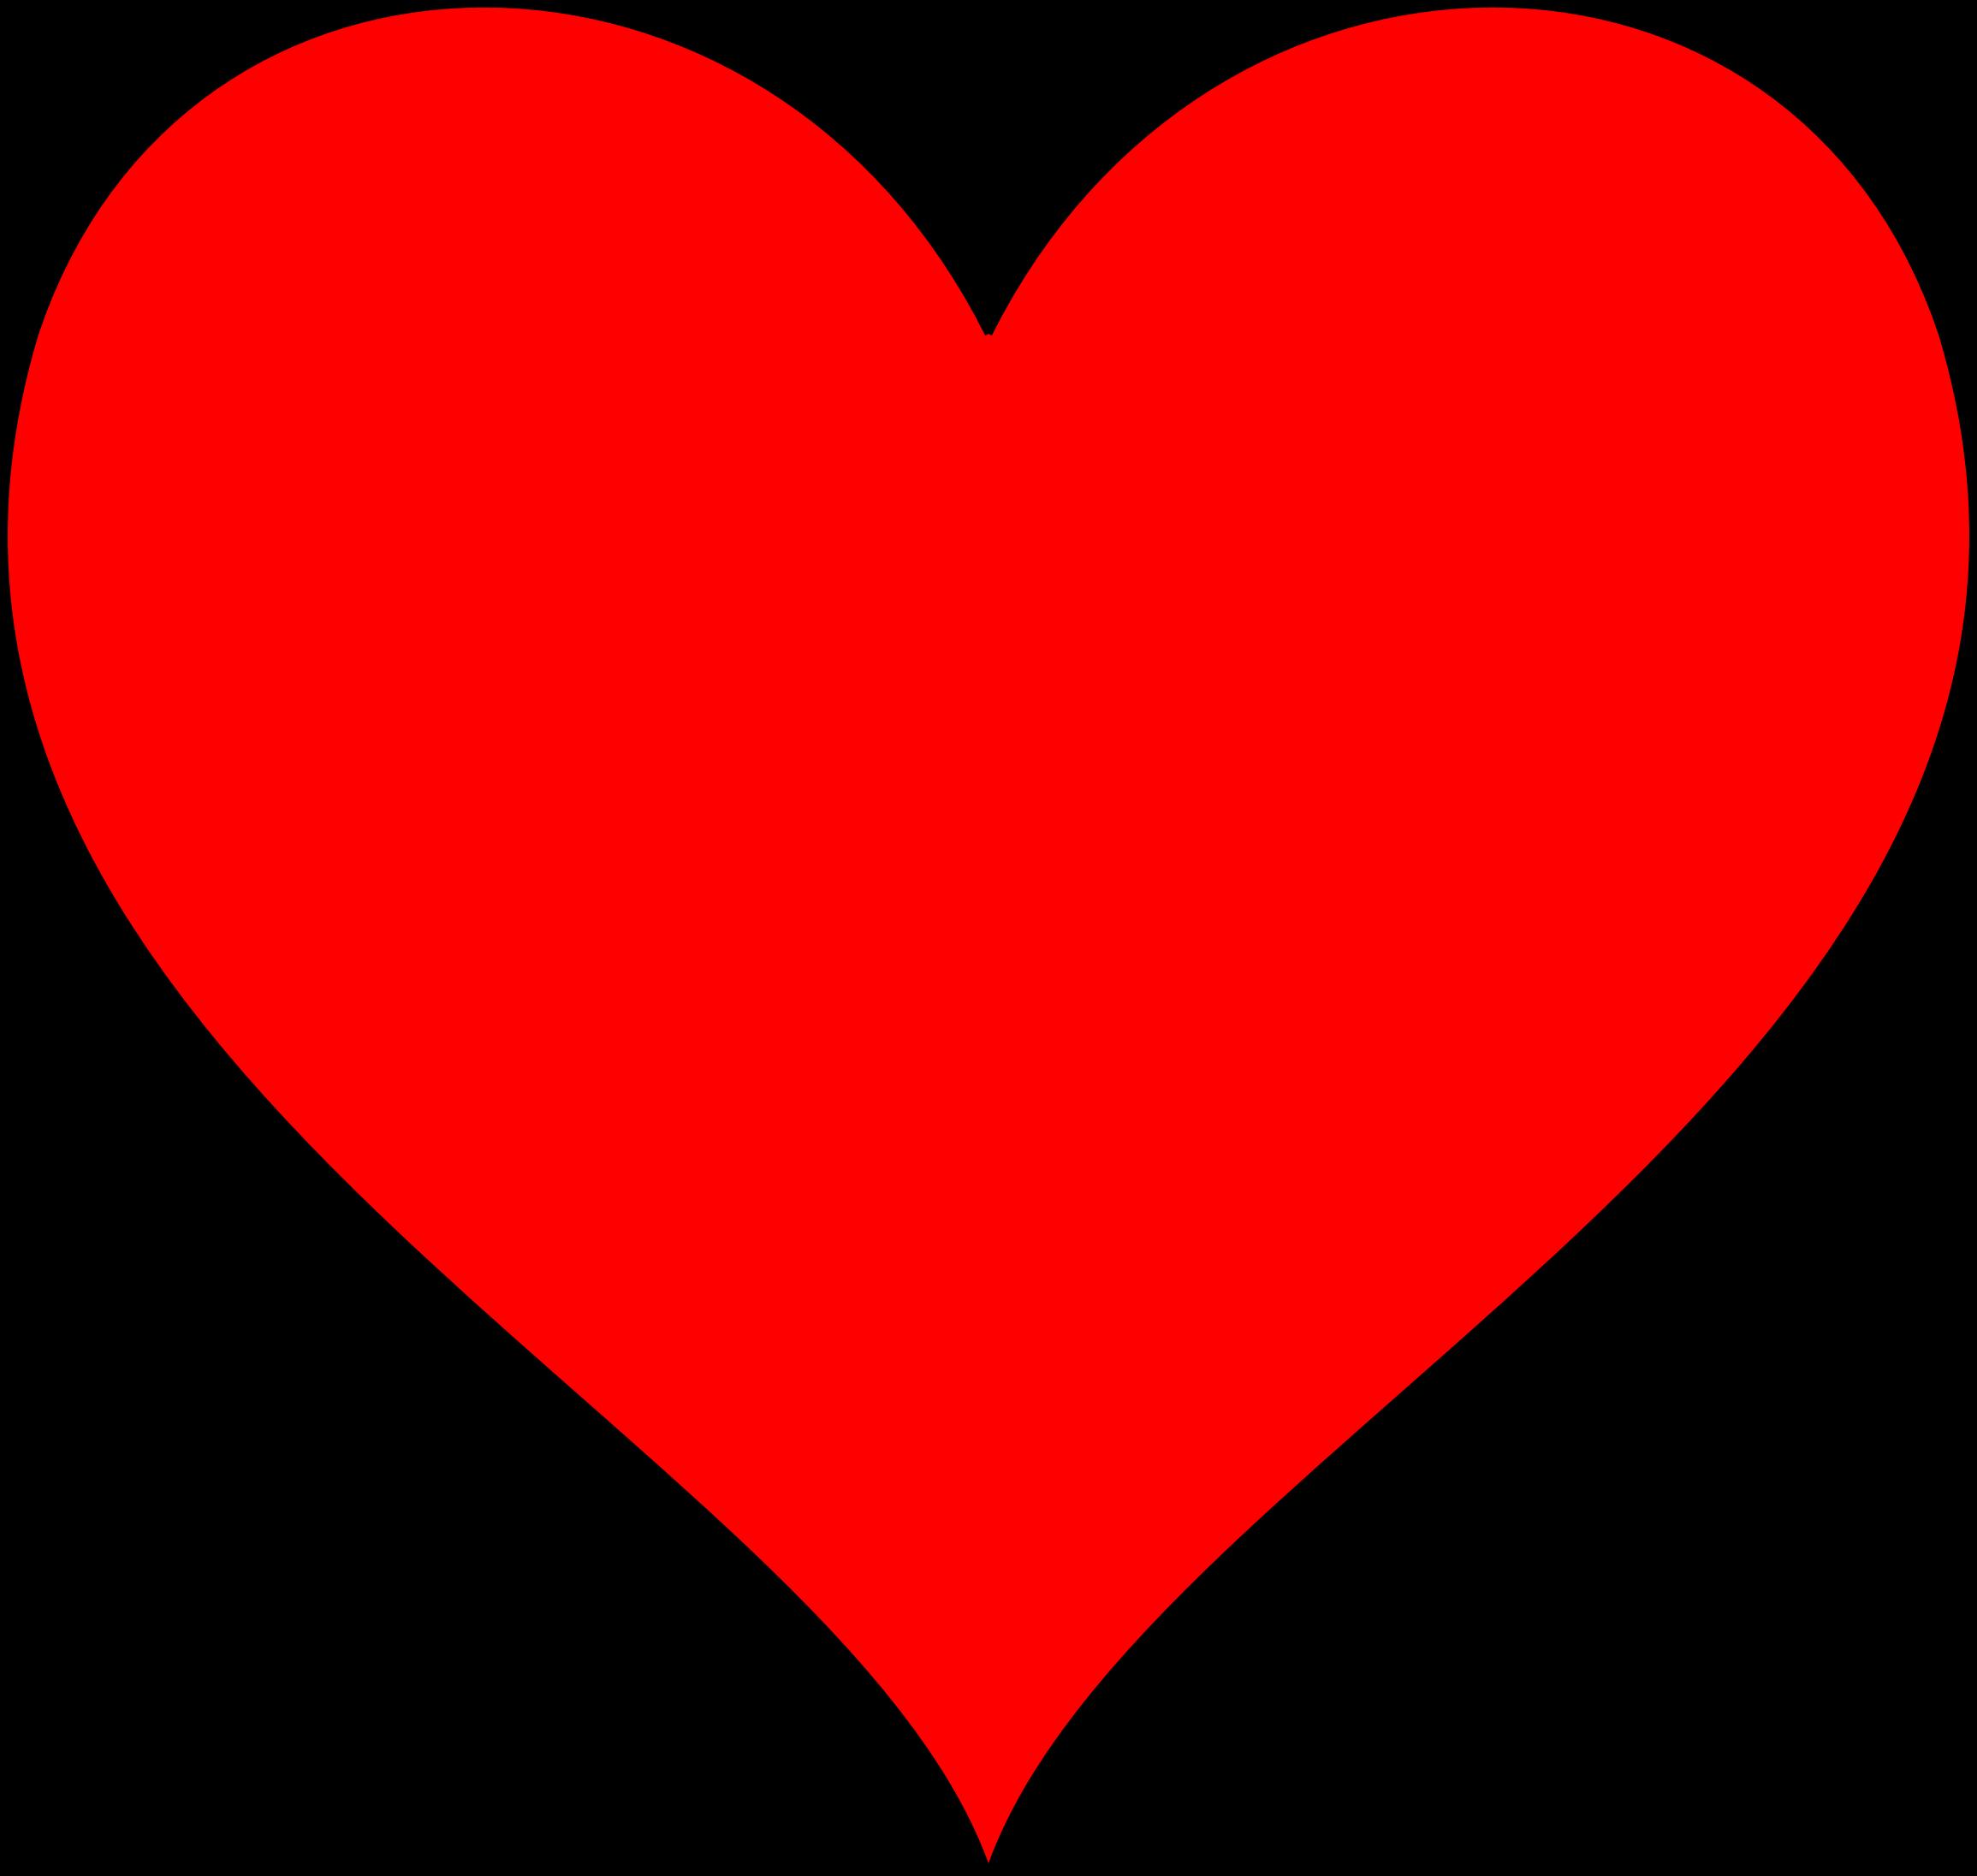 Clipart - Heart Symbol